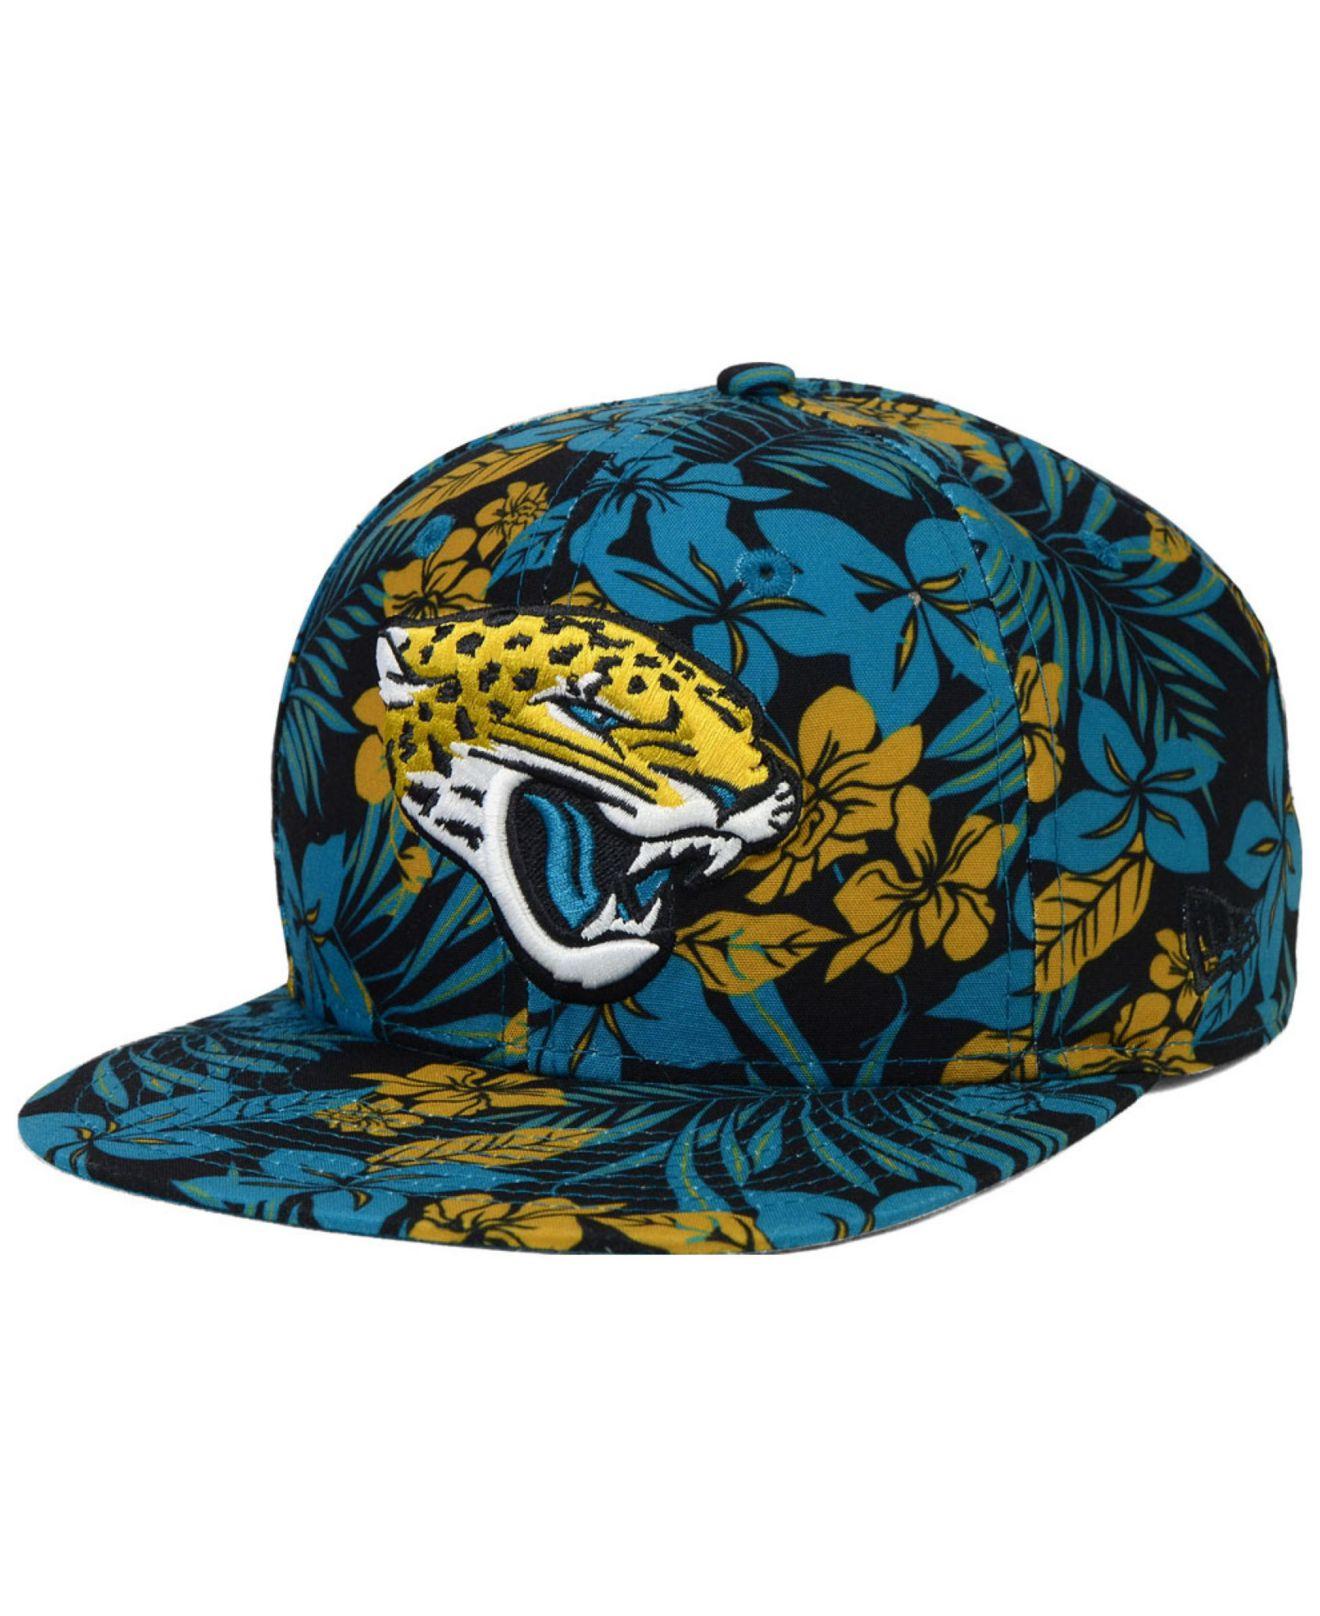 KTZ Black Jacksonville Jaguars Wowie Snapback Cap for men